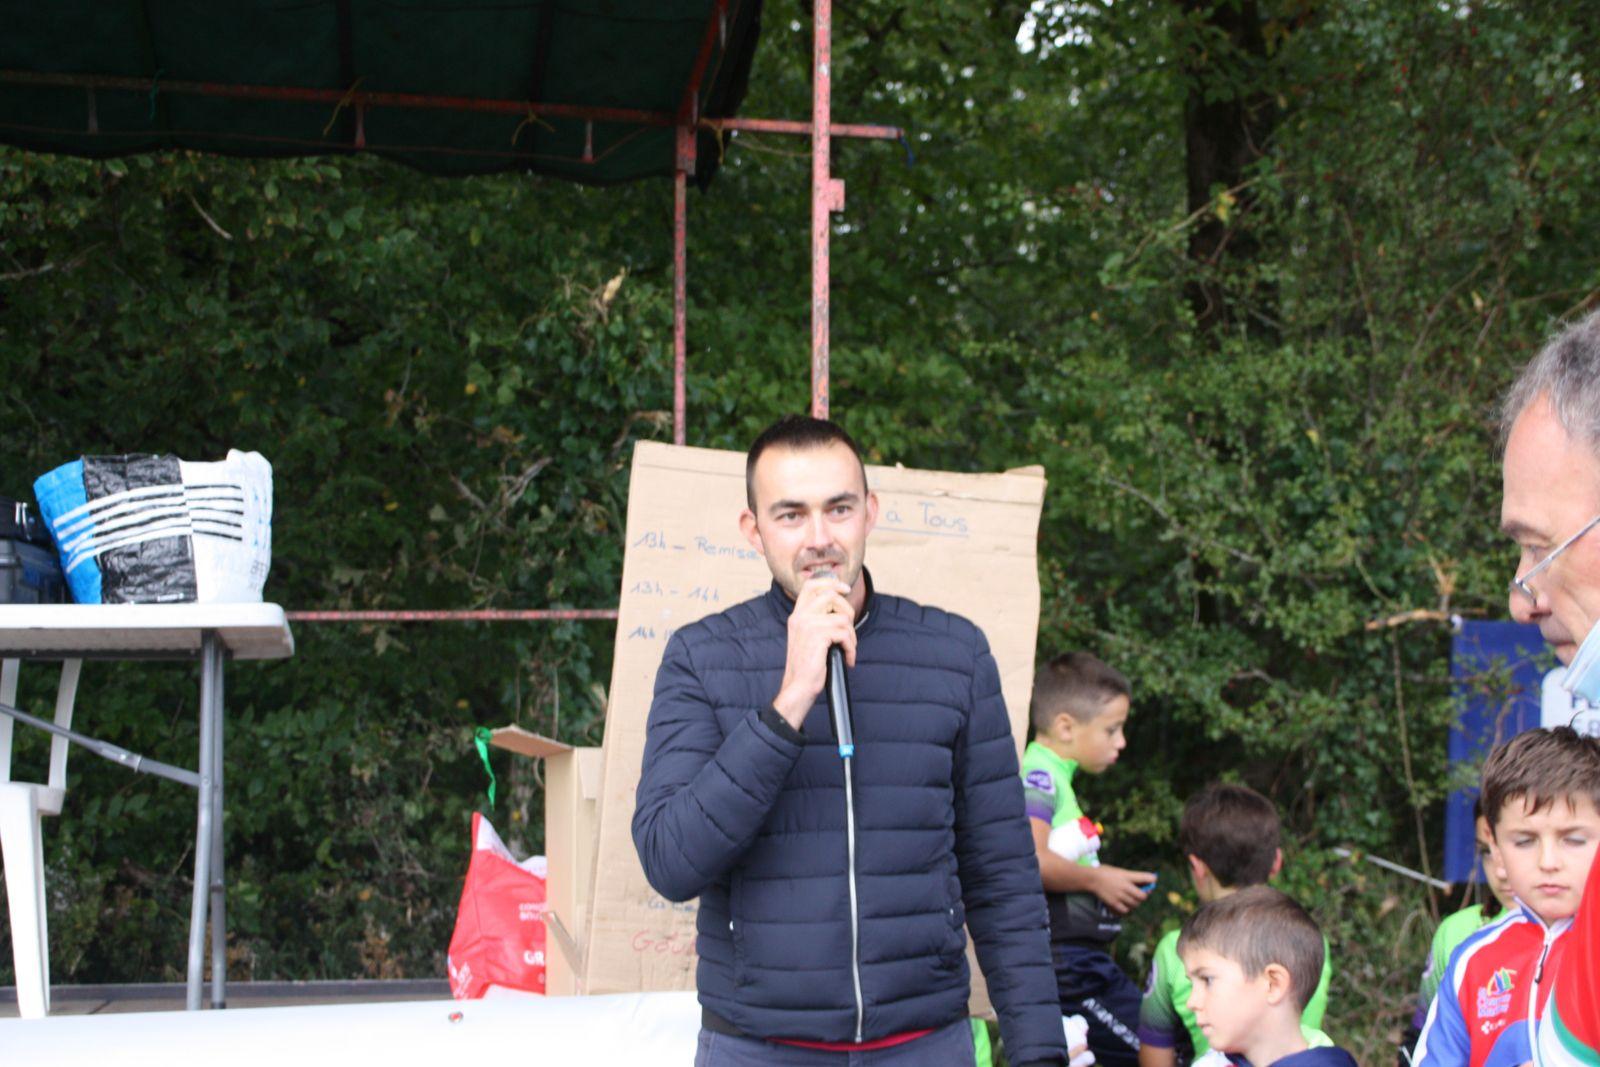 Le  nouveau  maire de  Nieul les Saintes  était  présent  en compagnie de son  1er adjoint